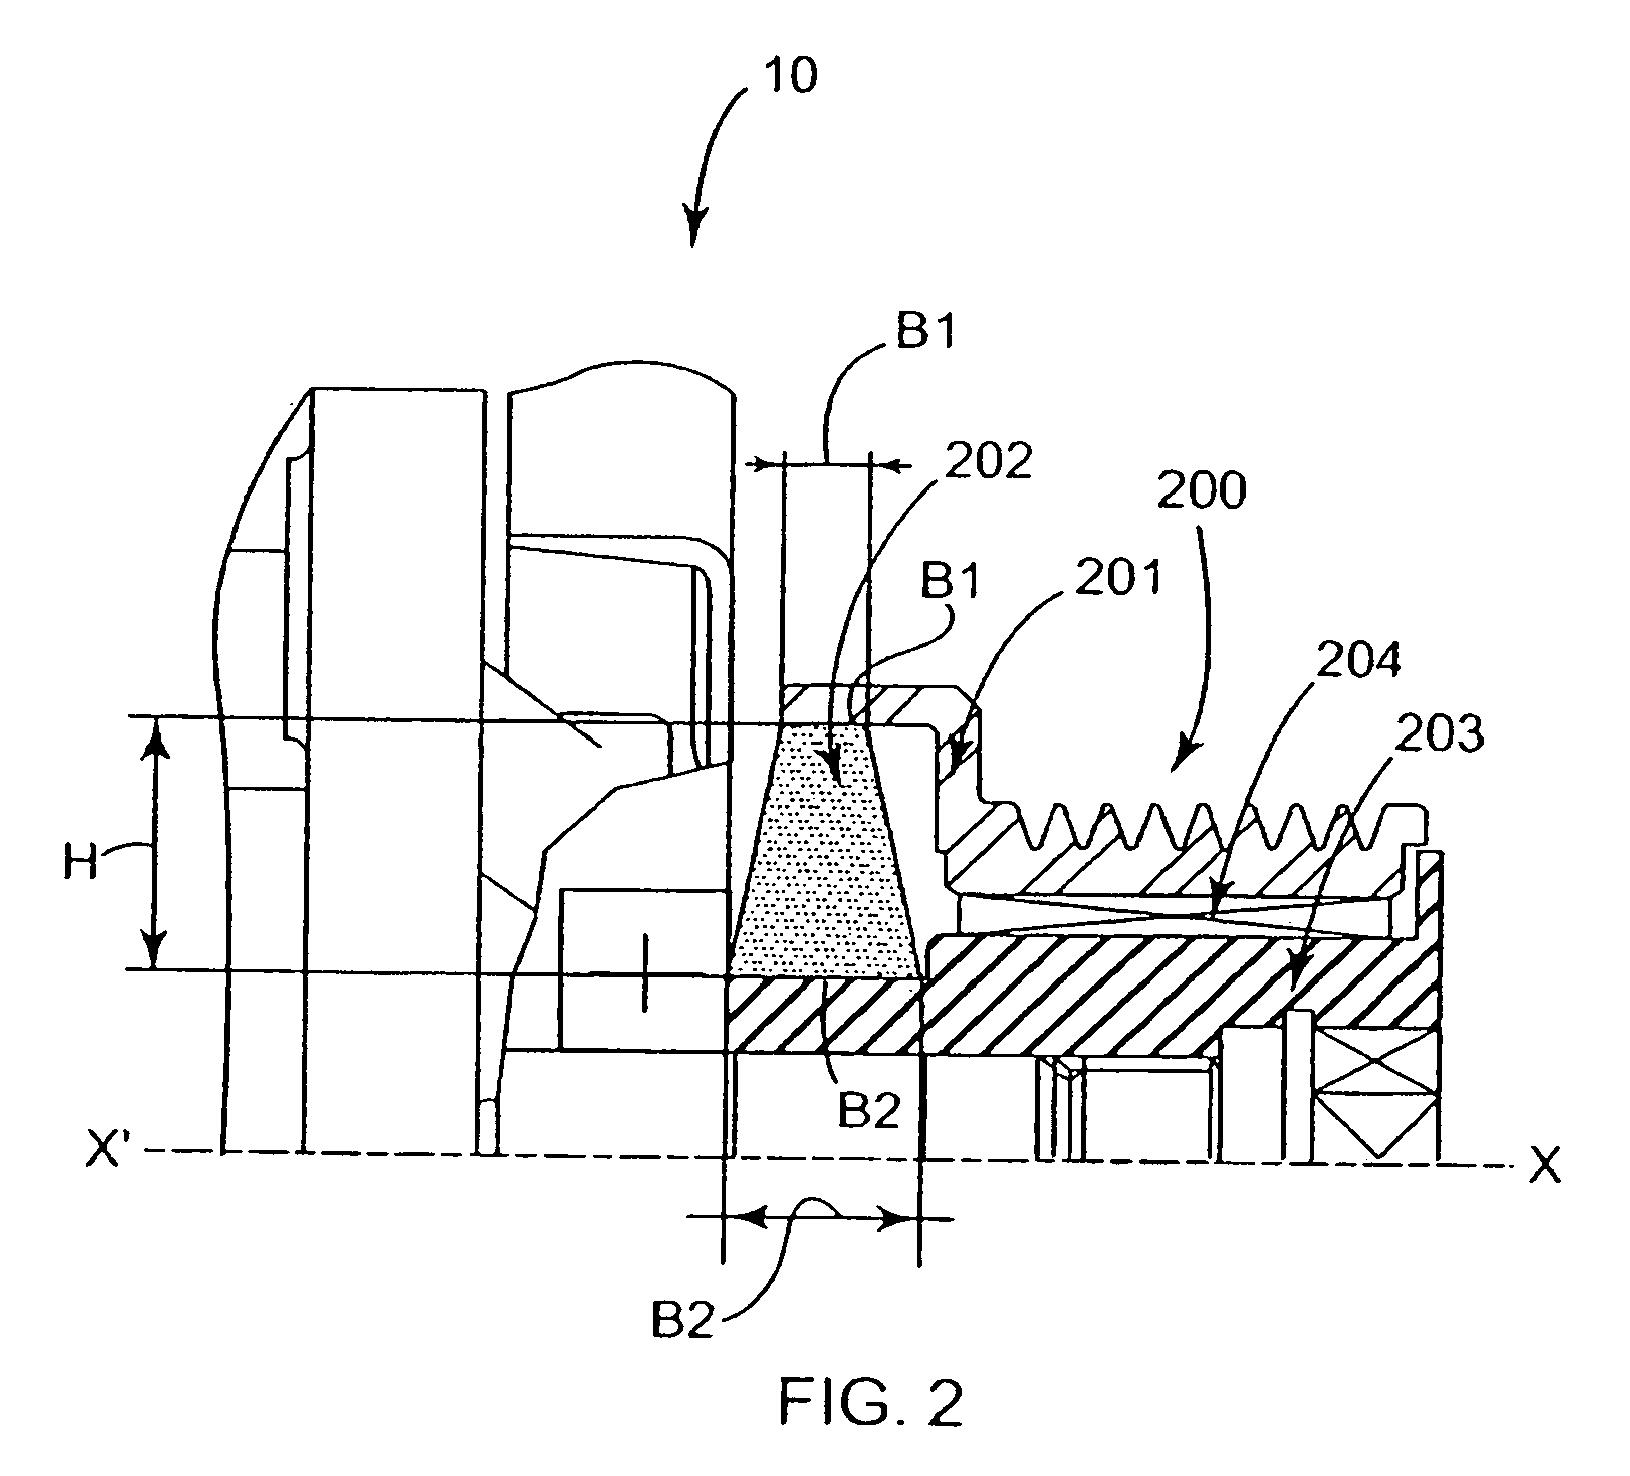 brevet ep1662161b1 poulie d 39 organe de transmission de puissance alterno d marreur s par. Black Bedroom Furniture Sets. Home Design Ideas